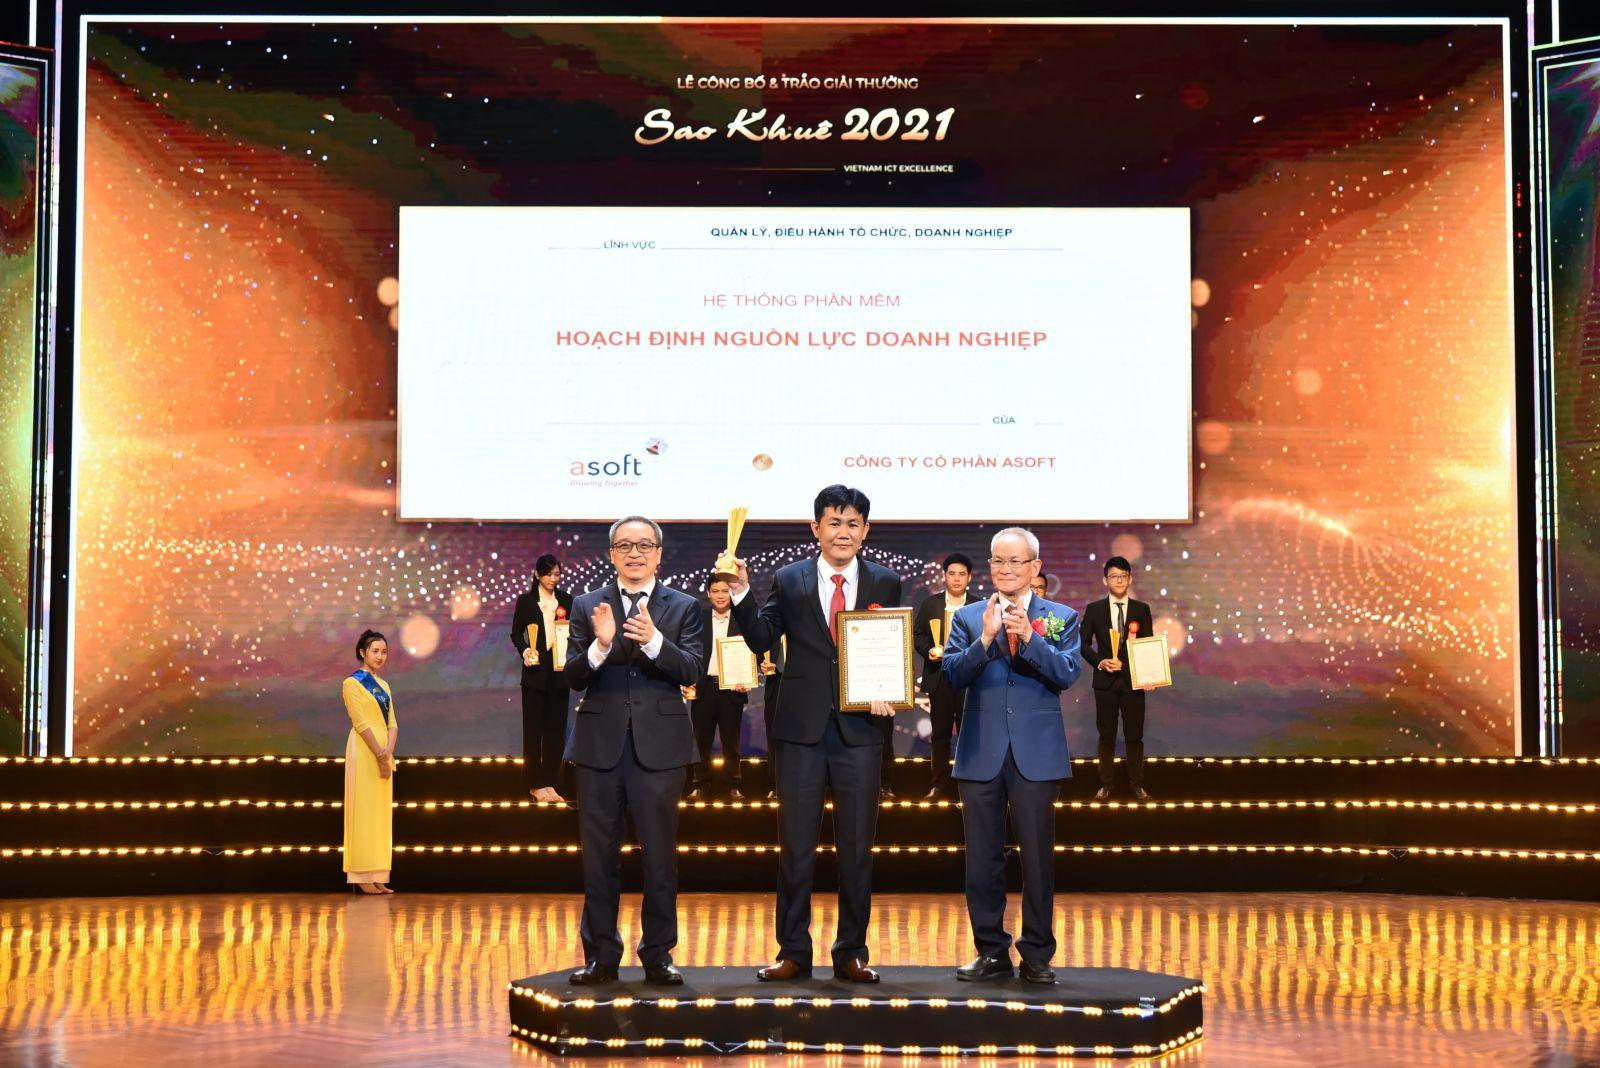 ASOFT-ERP và những thành tựu mang ASOFT đến với giải thưởng Sao Khuê 2021